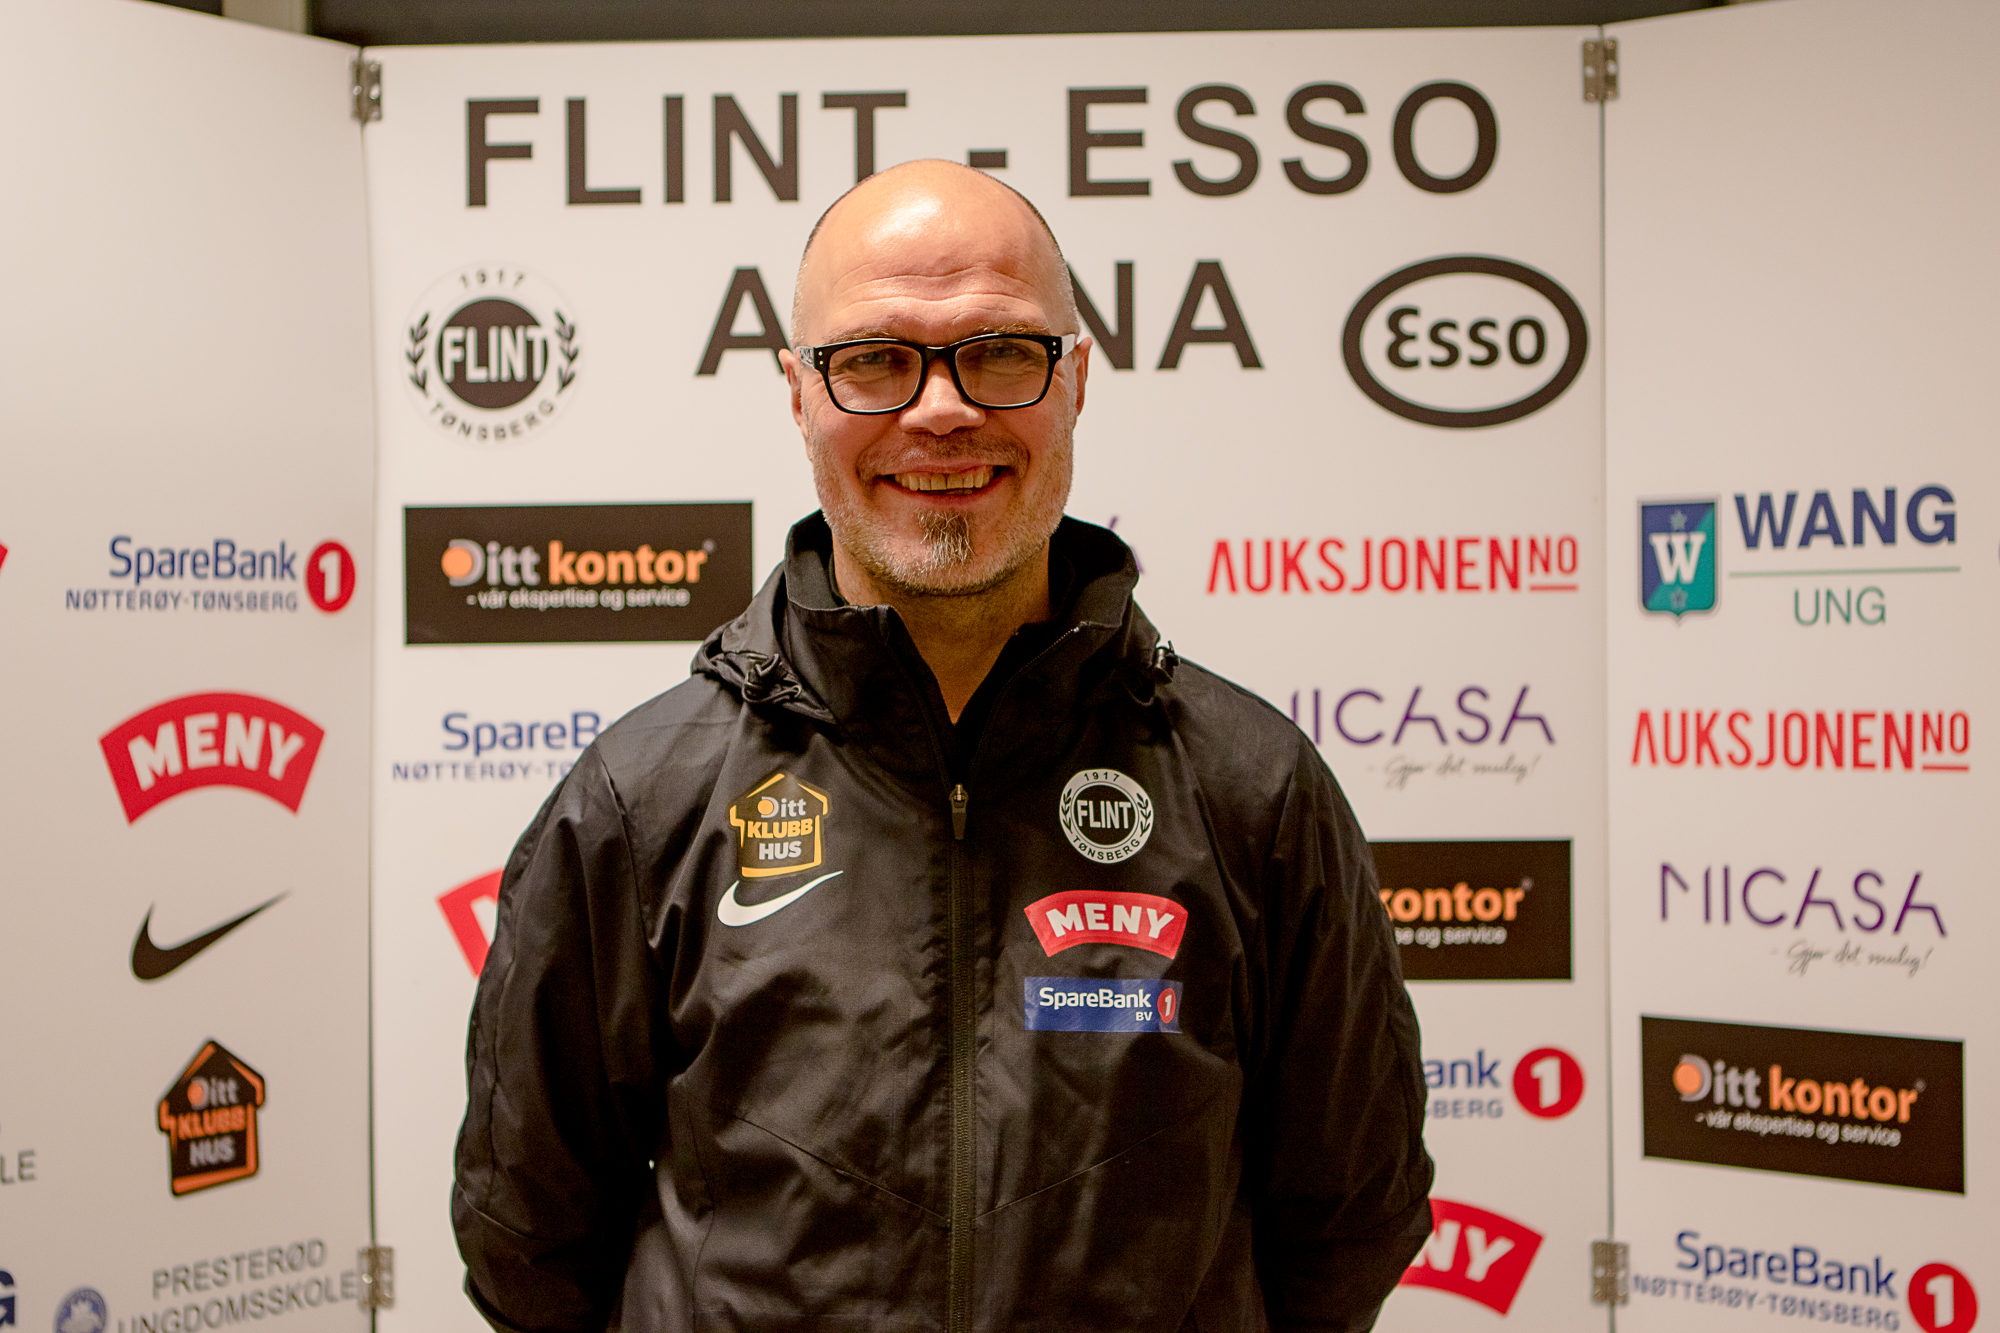 https://www.flintfotball.no/wp-content/uploads/2020/11/Sven-Pollen-Solbakken-6.jpg